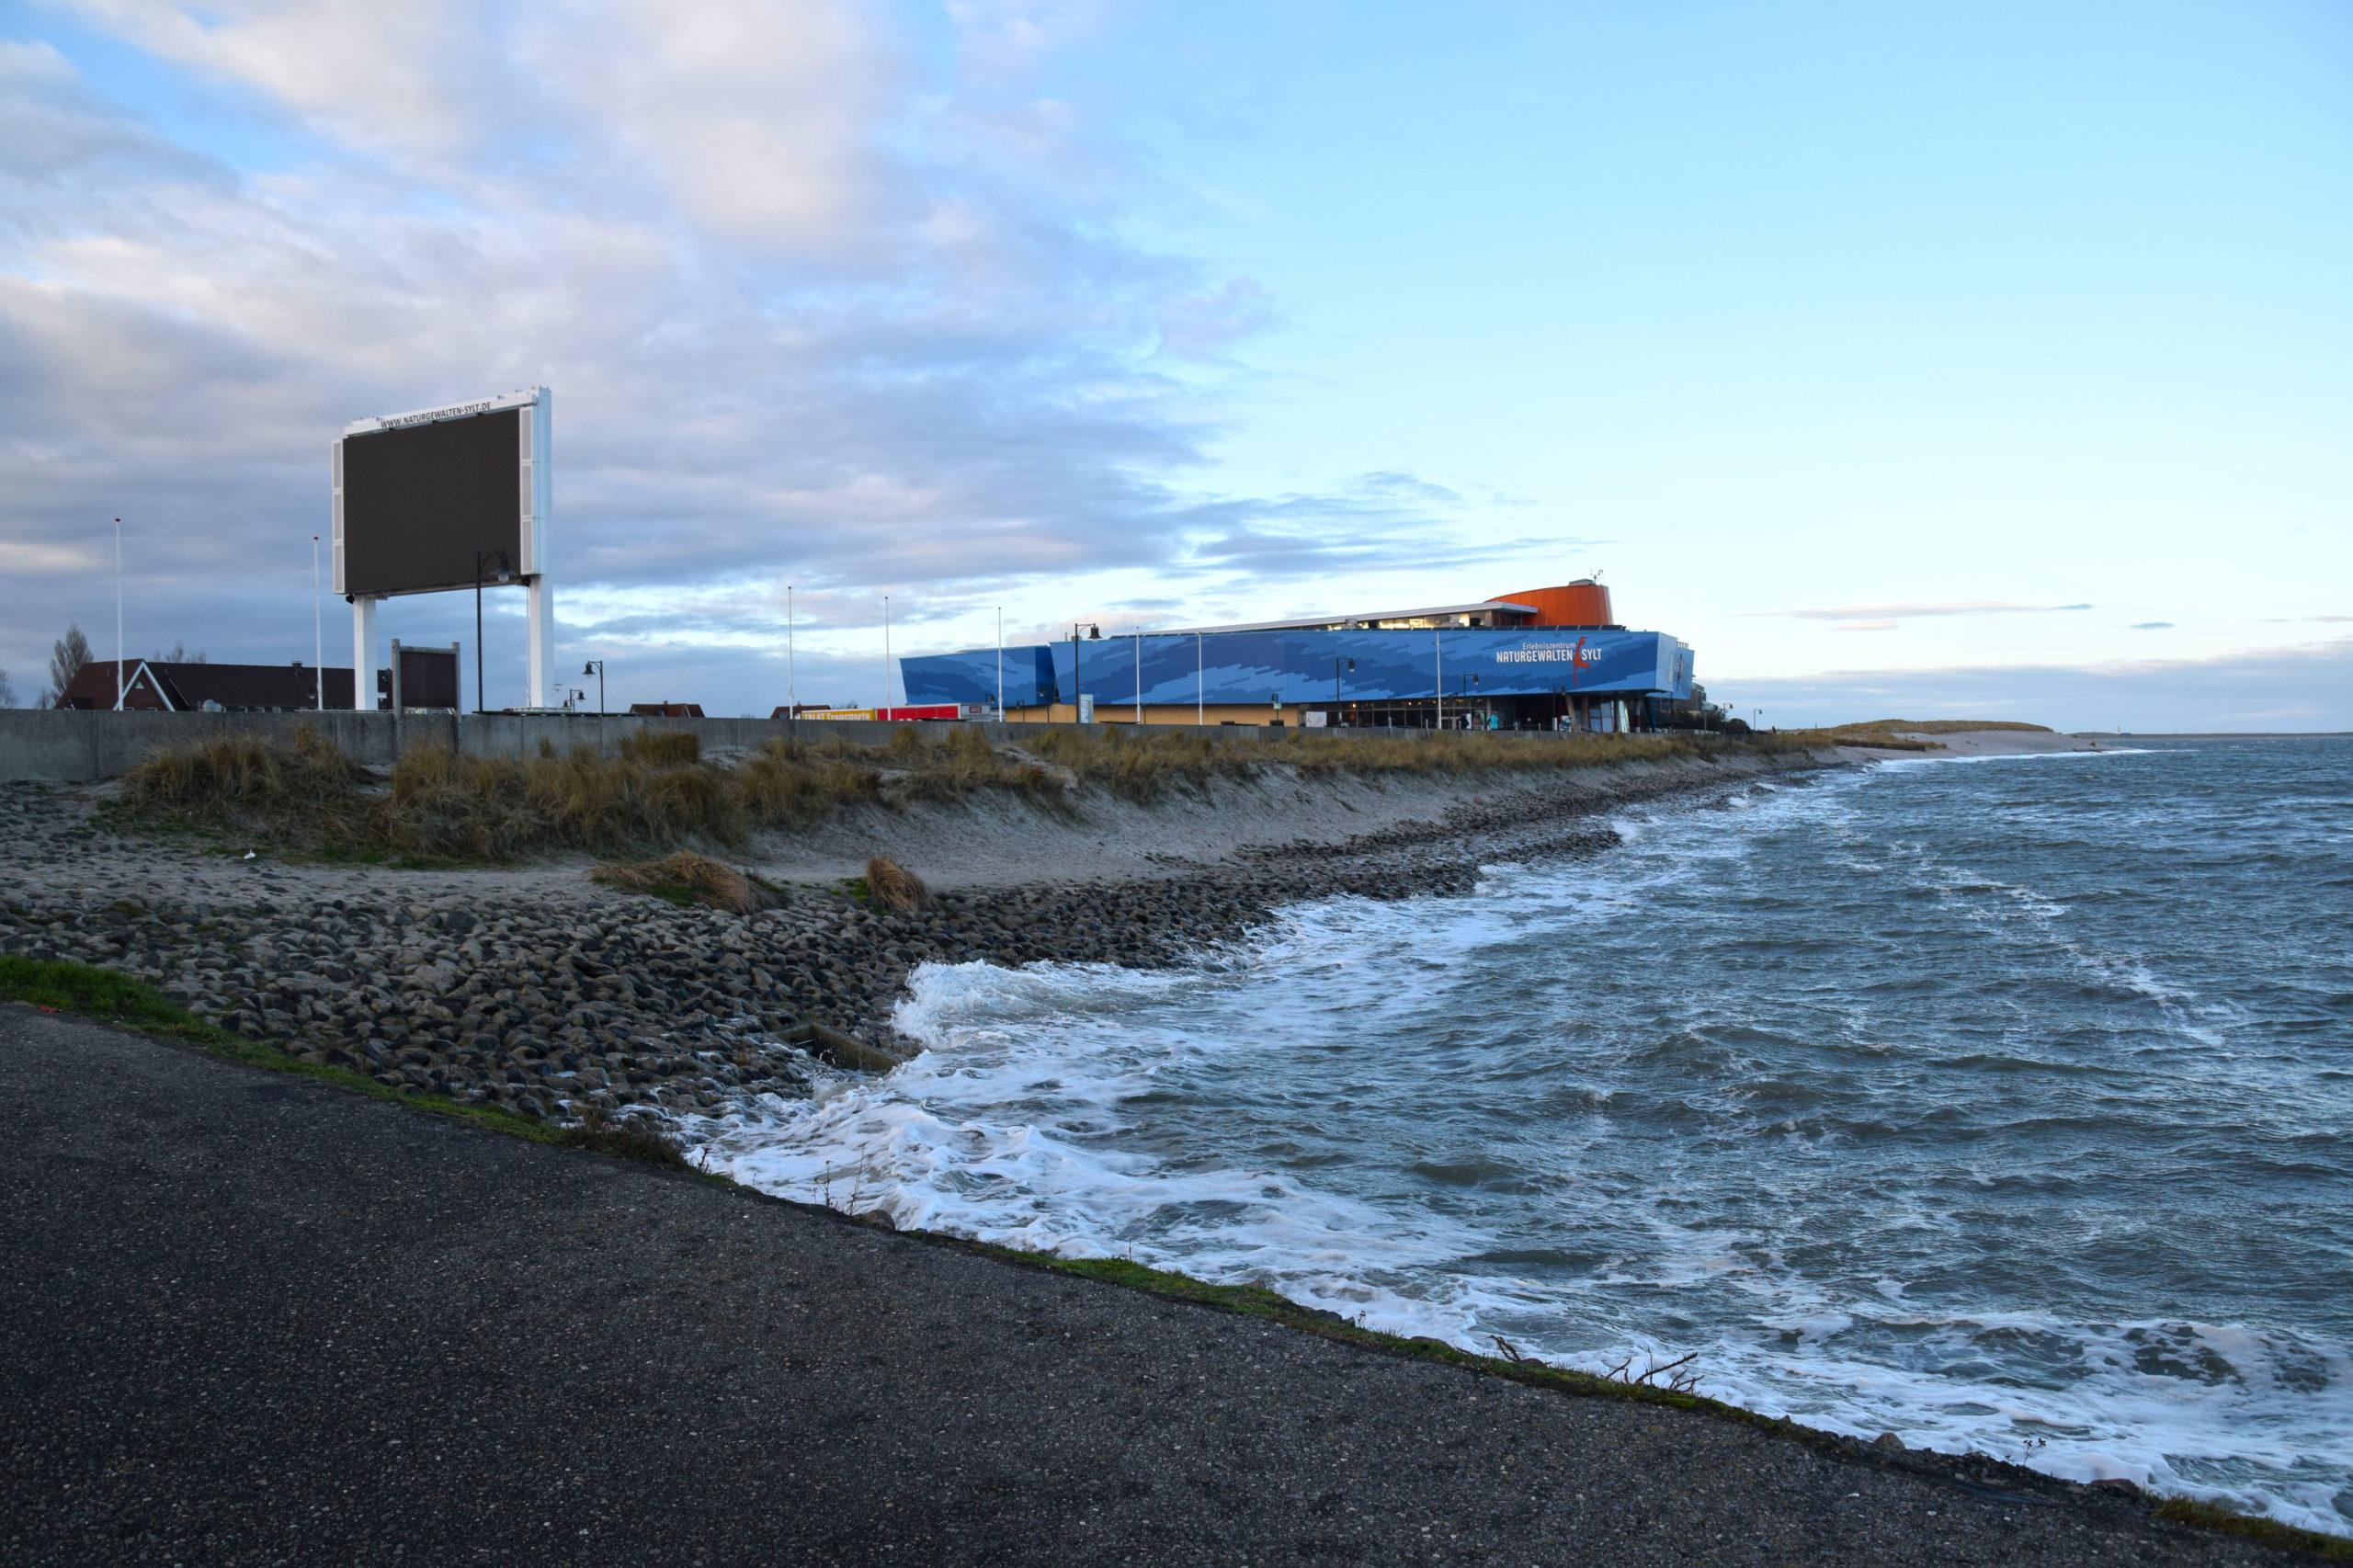 Das Erlebniszentrum Naturgewalten am Lister Hafen auf Sylt